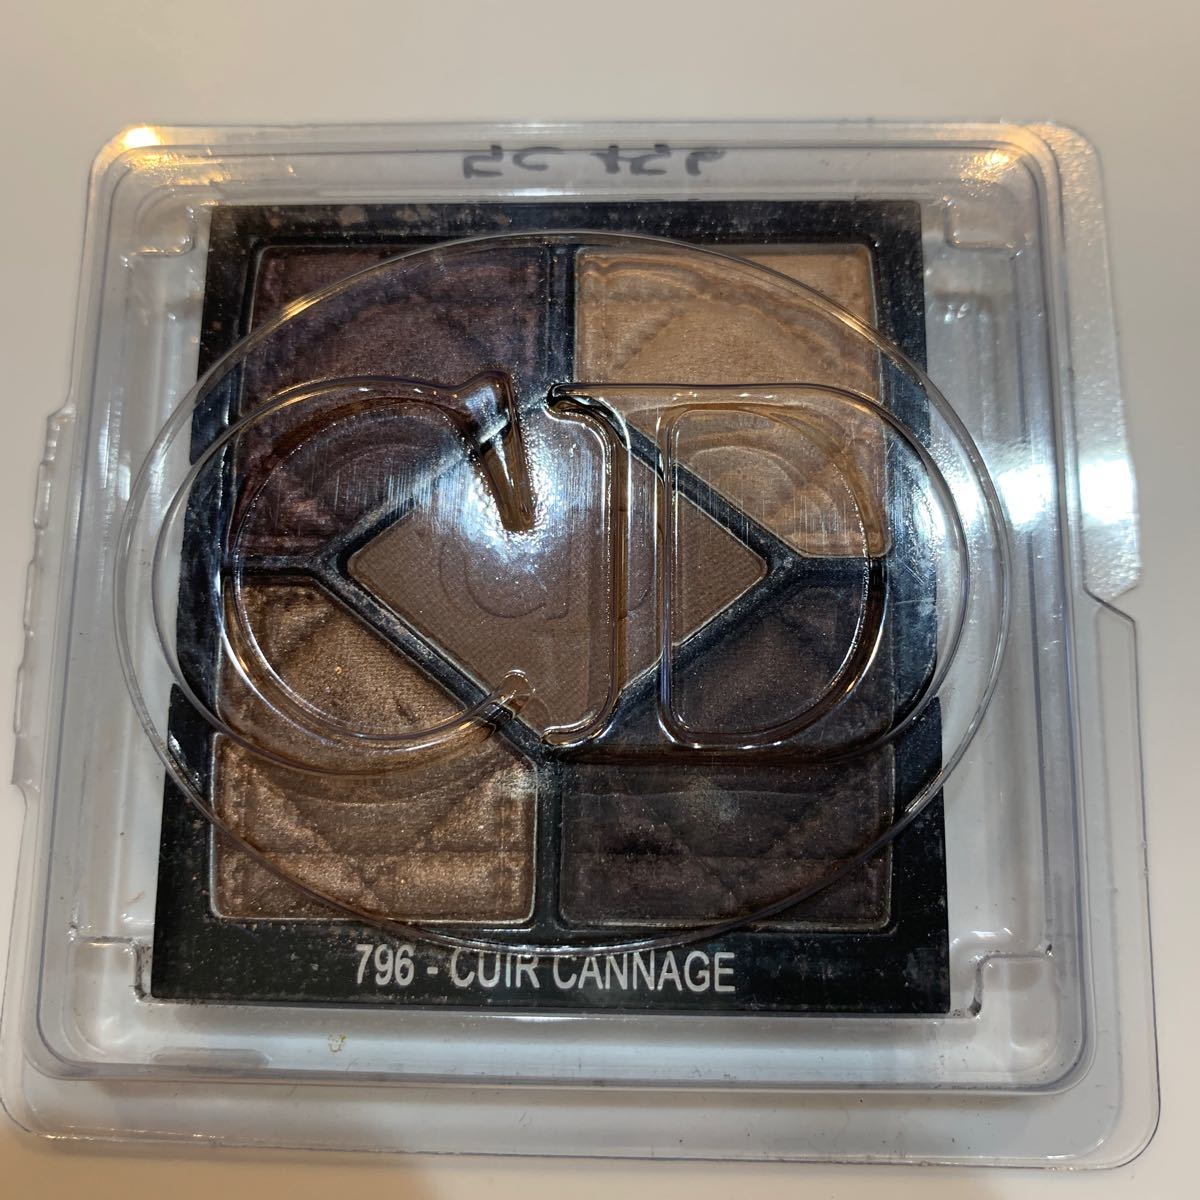 【ラスト】Dior DIOR ディオール  アイシャドウ サンククルール 796 CUIR CANNAGE ブラウン系